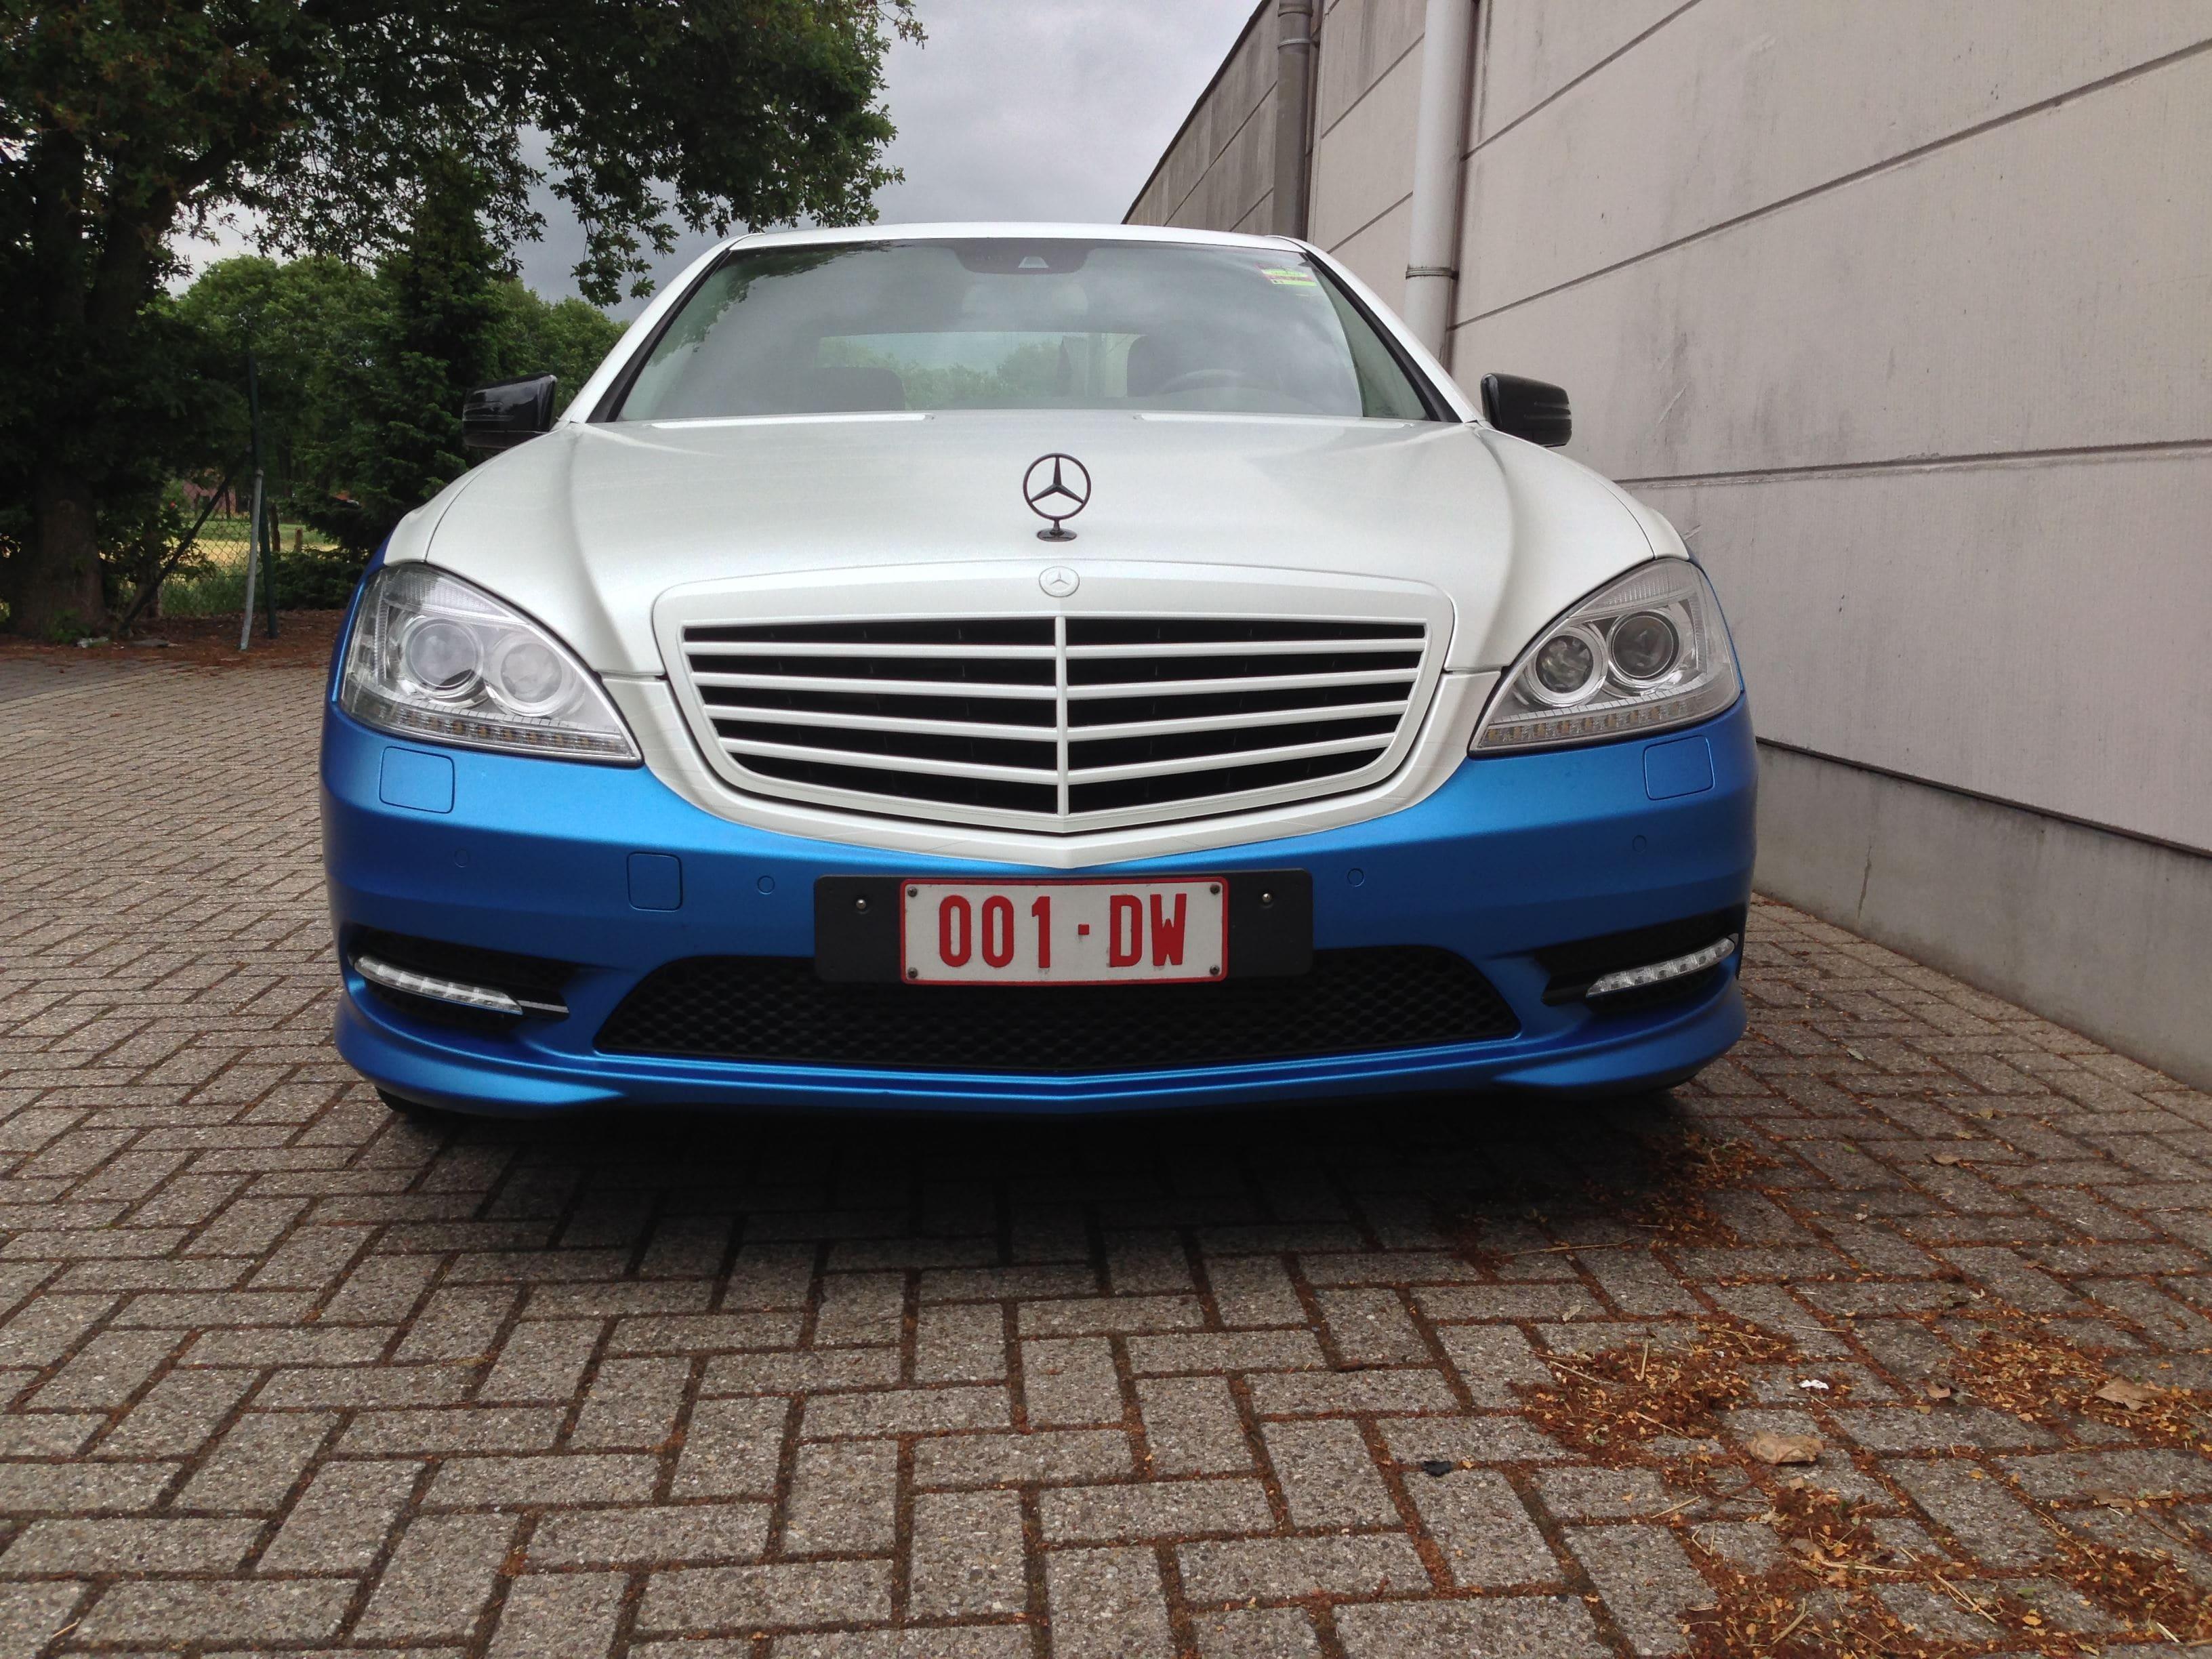 Mercedes S-Klasse AMG met Speciale Modball Wrap, Carwrapping door Wrapmyride.nu Foto-nr:6320, ©2020